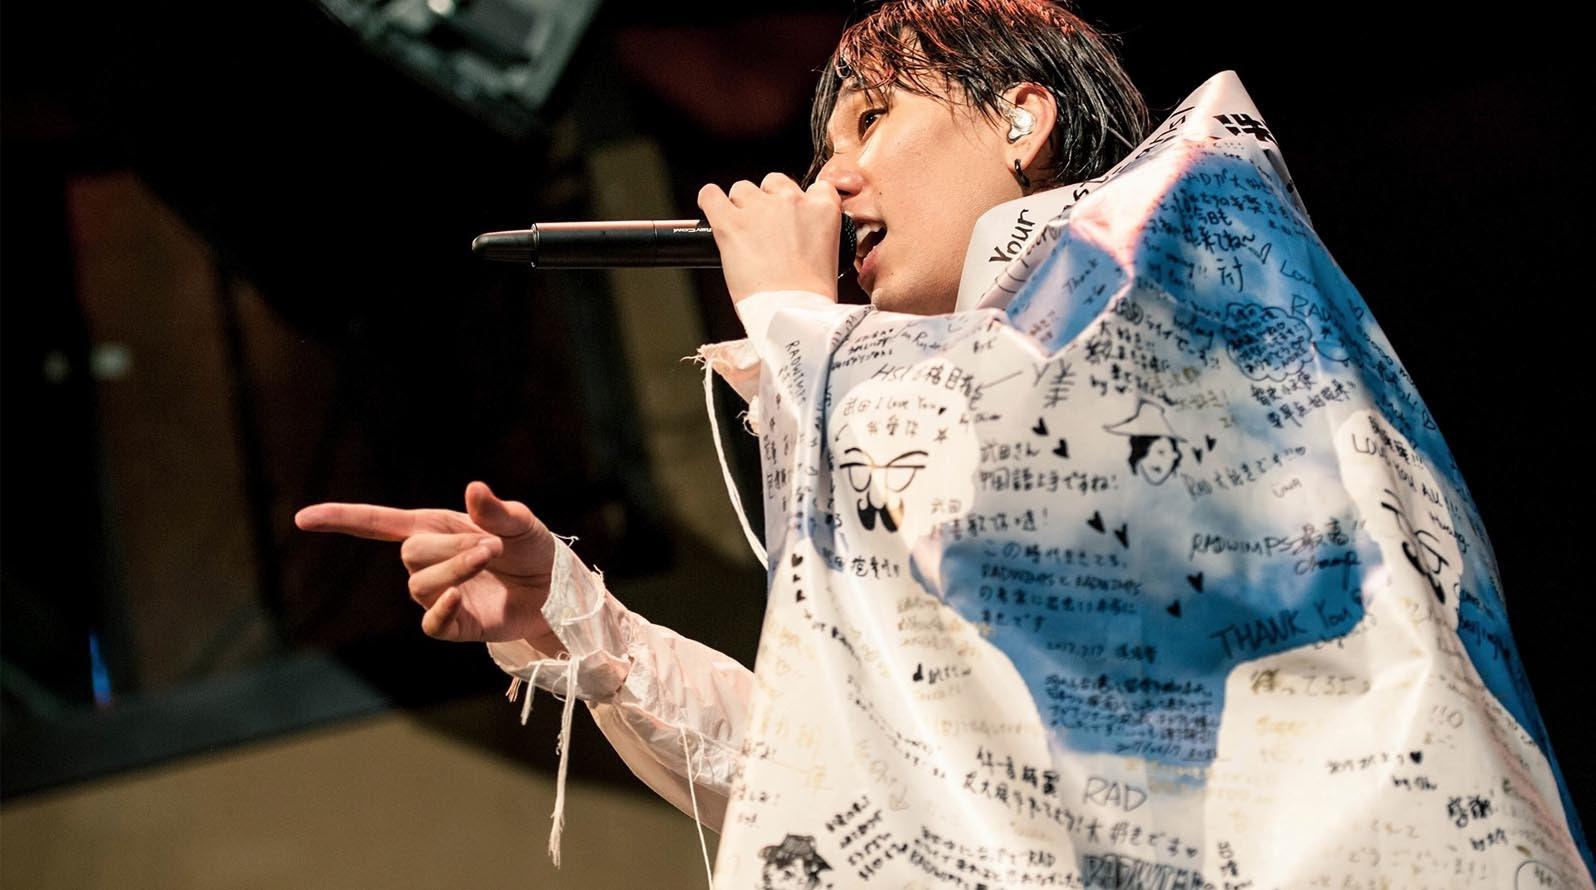 「在幾千個、幾萬個、幾十萬幾百萬個樂團中發現了我們,謝謝。」 RADWIMPS 2017台灣公演第二日報導